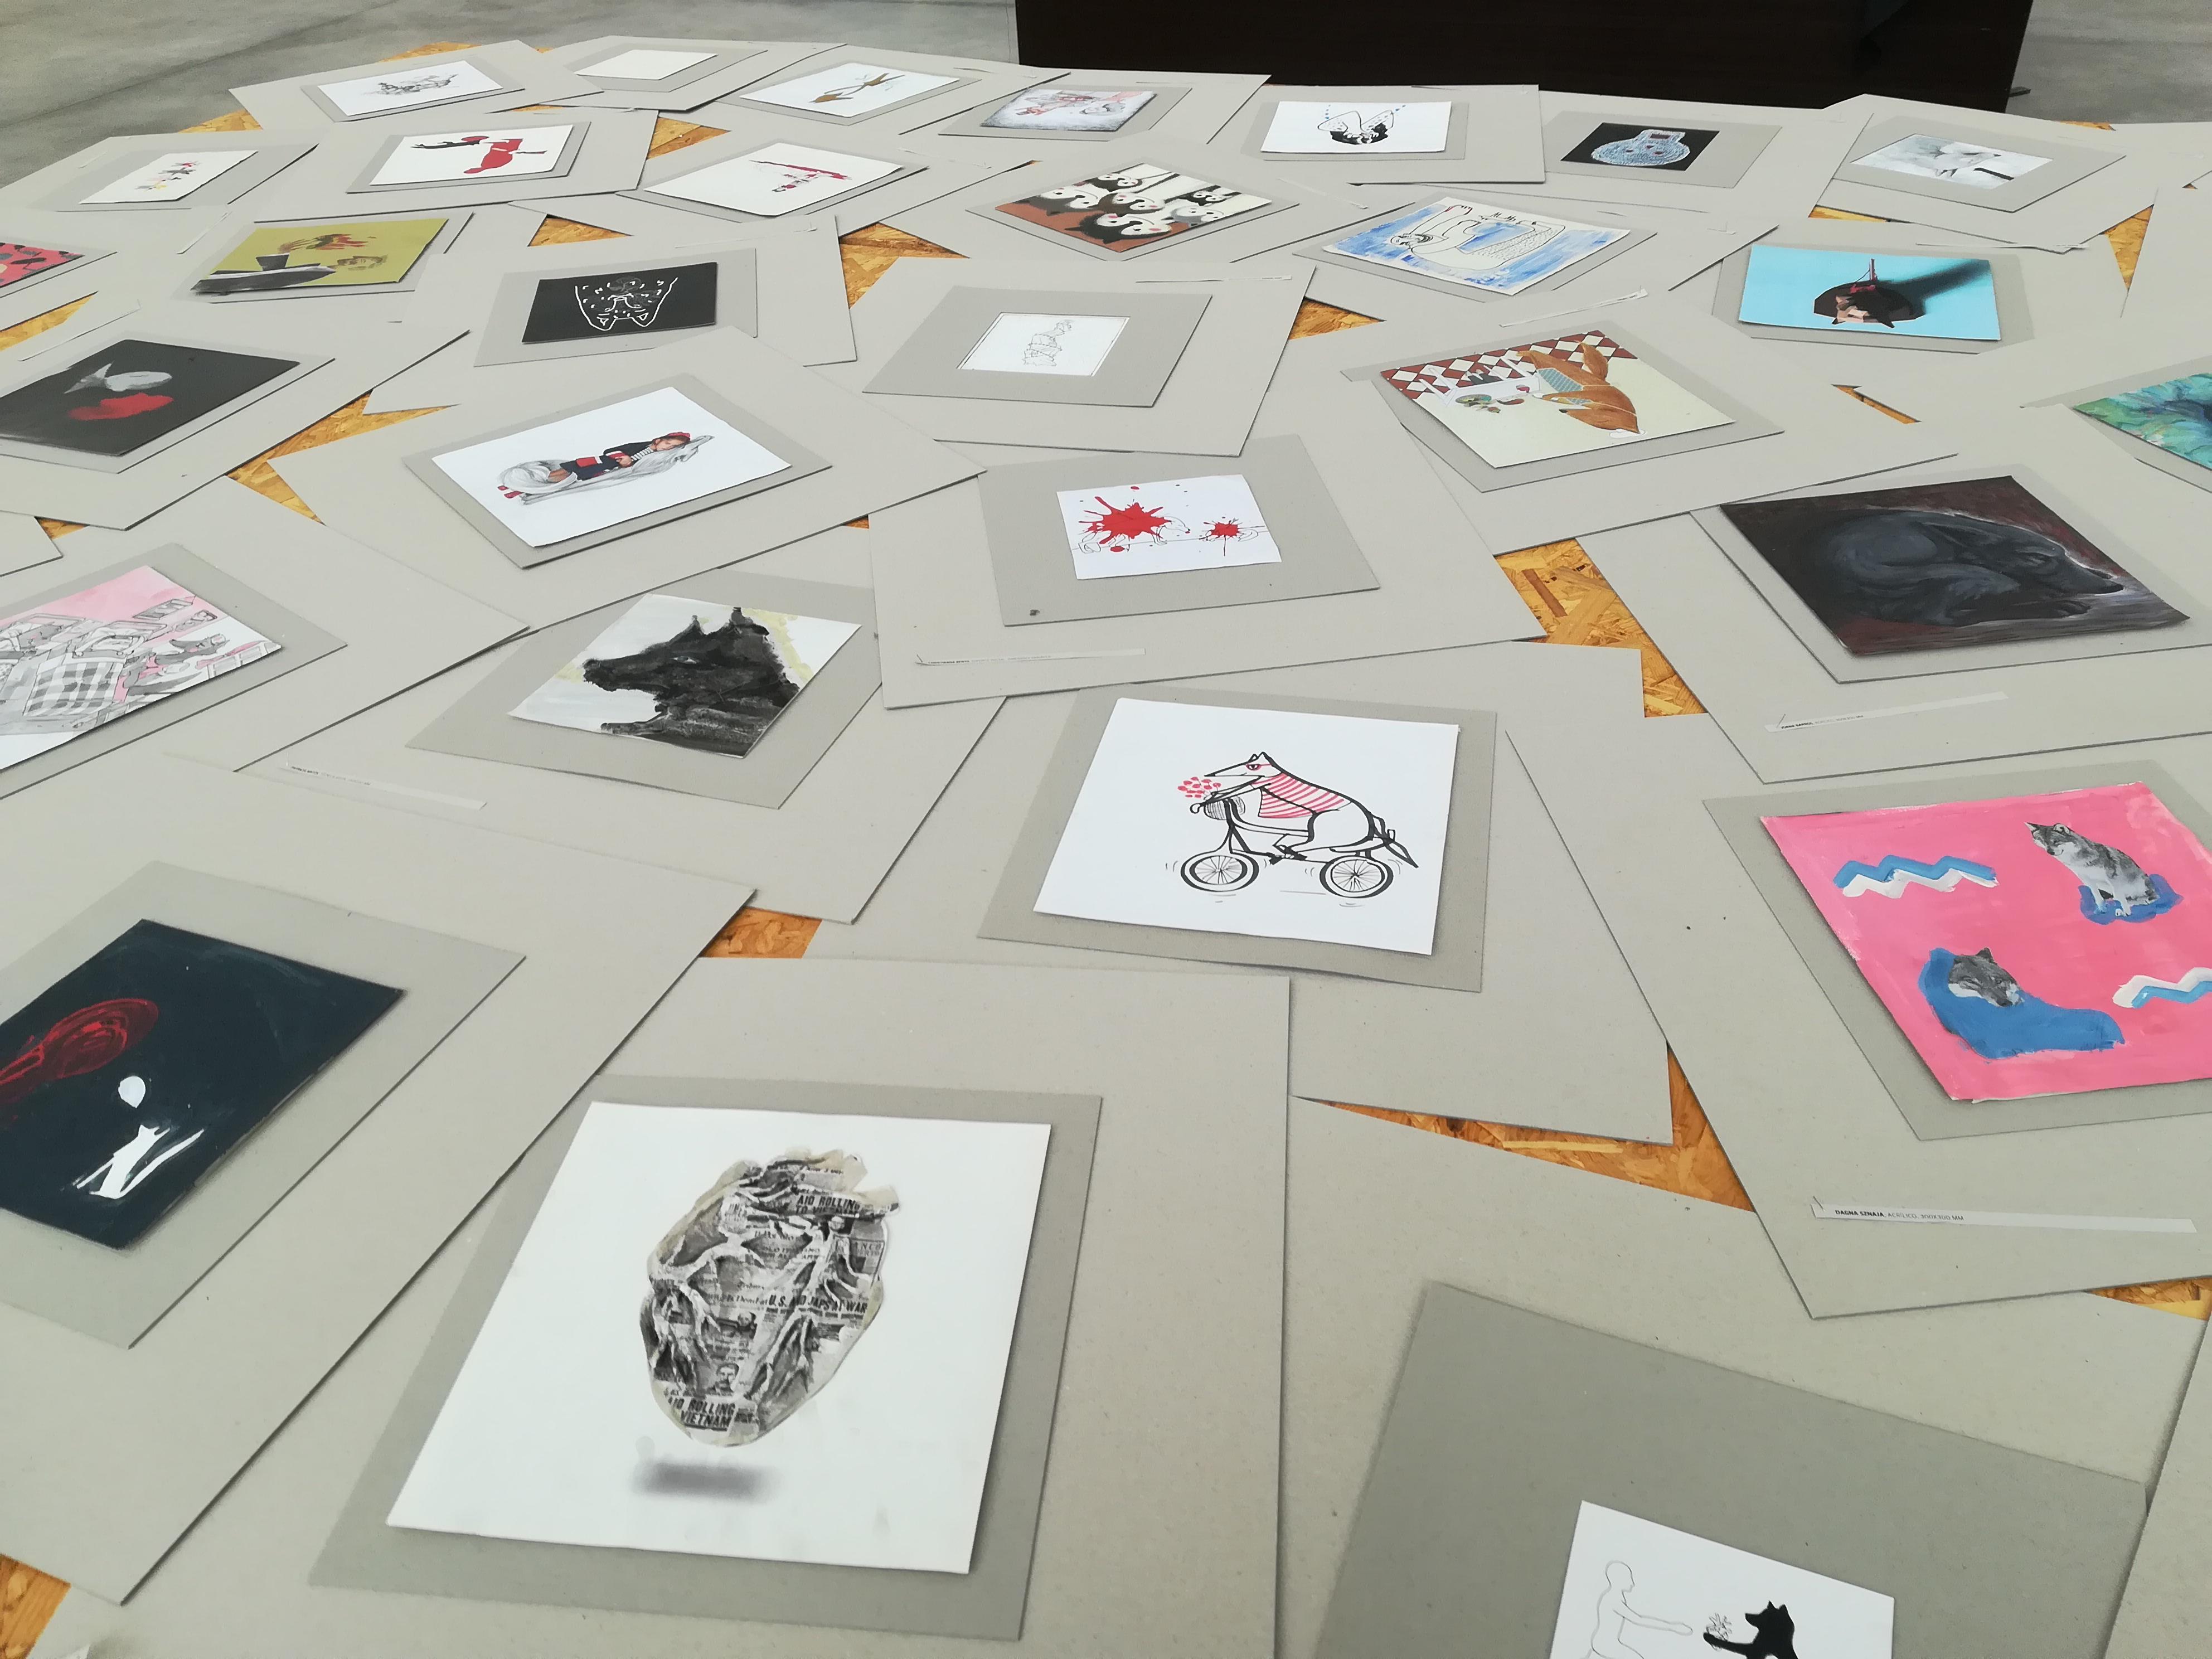 Visitas à Exposição do Encontro Internacional de Ilustração